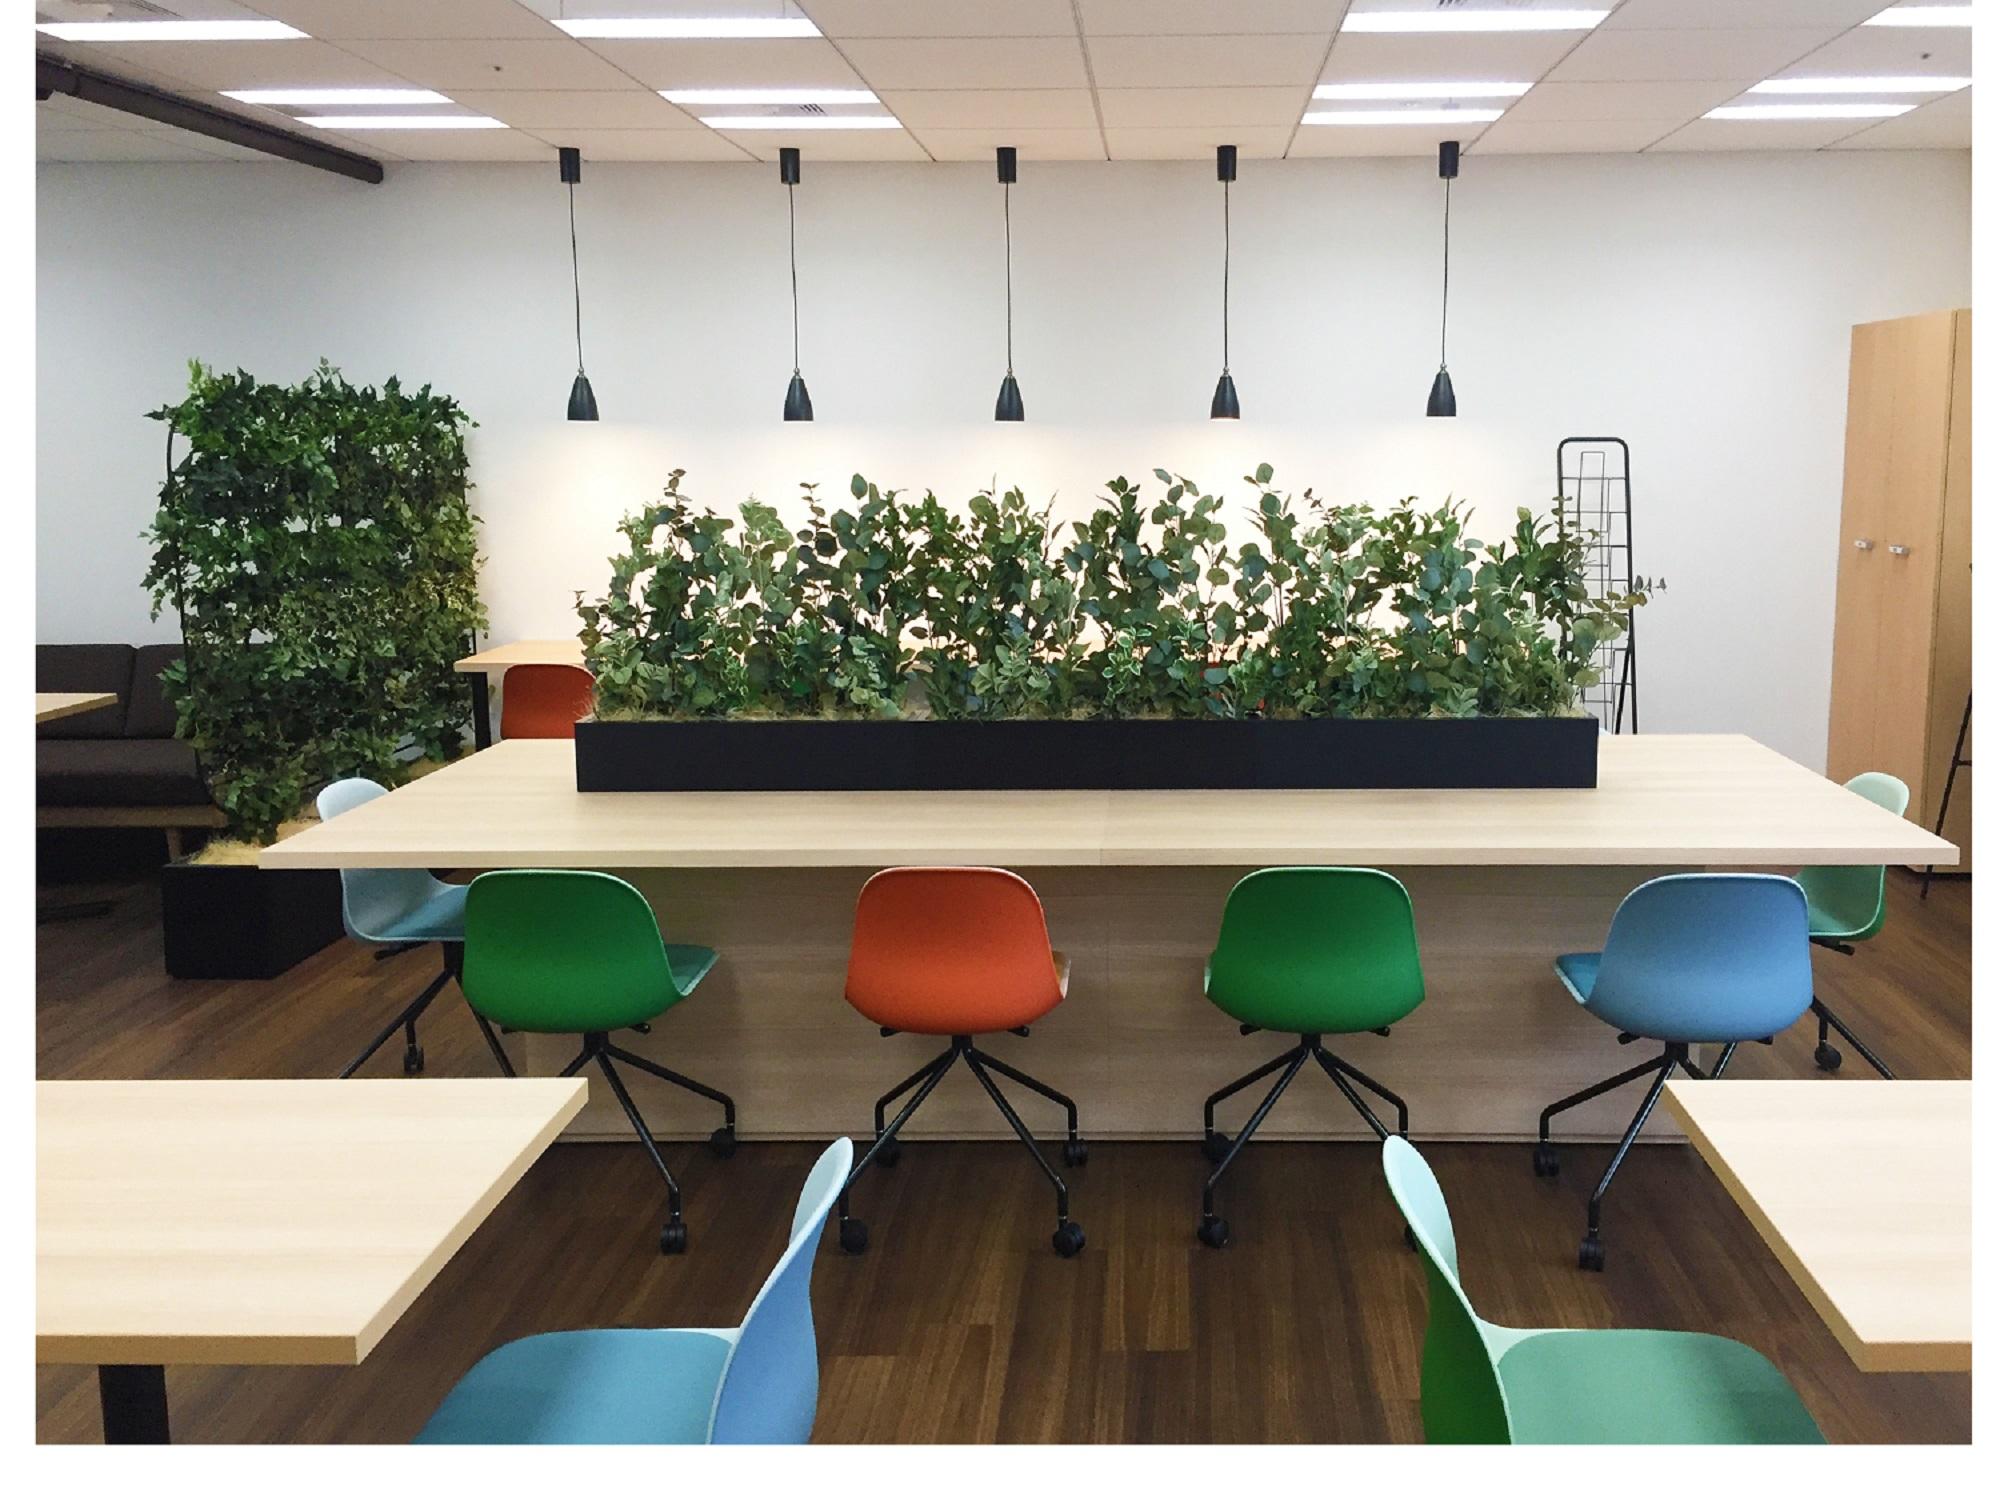 居心地が良く稼働率もUP! リフレッシュルームのオフィスデザイン事例